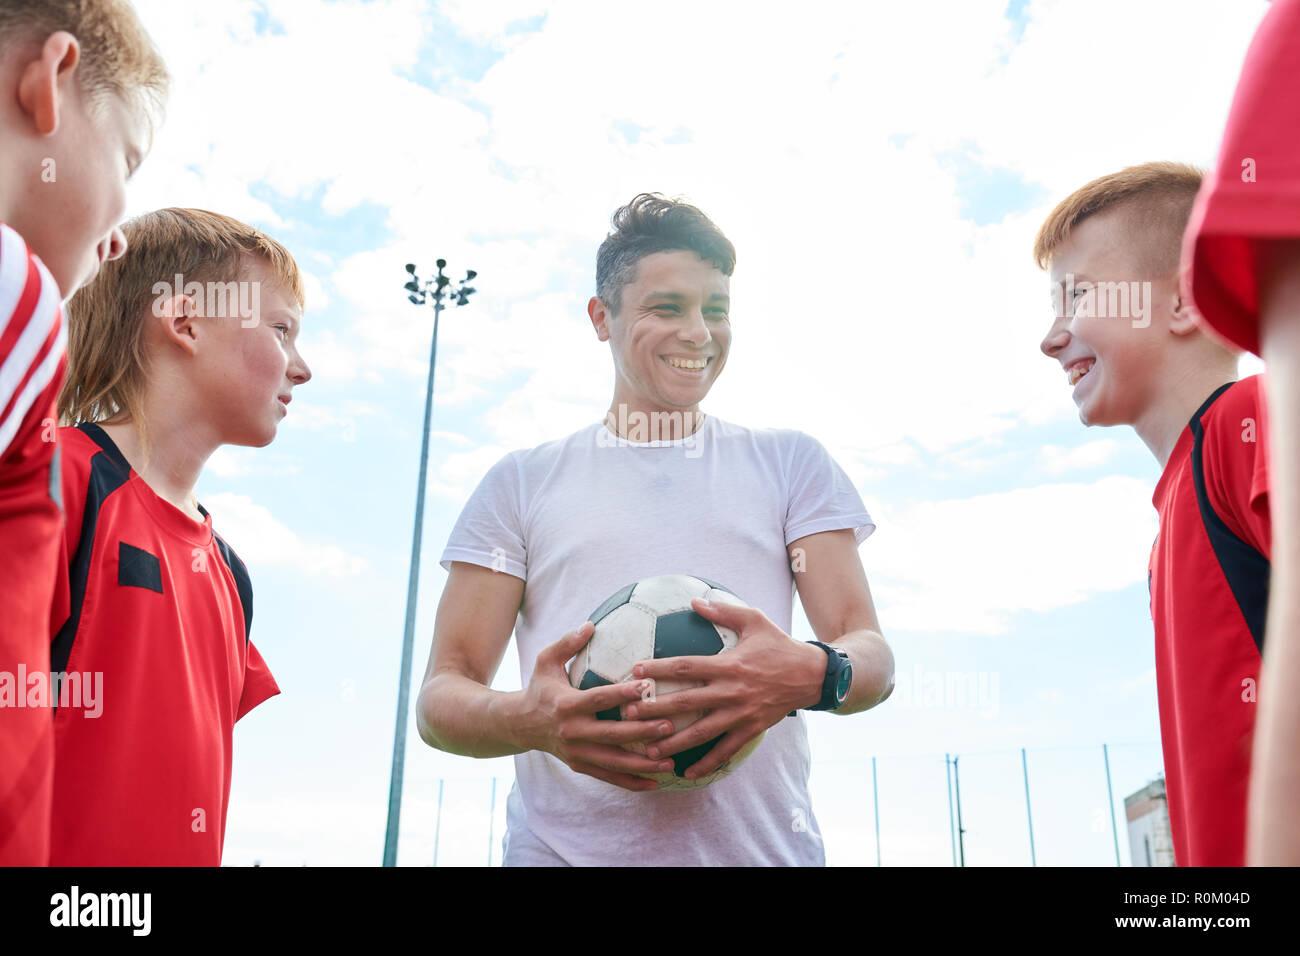 3a2c2e4ec Young Football Coach Stock Photo: 224173949 - Alamy